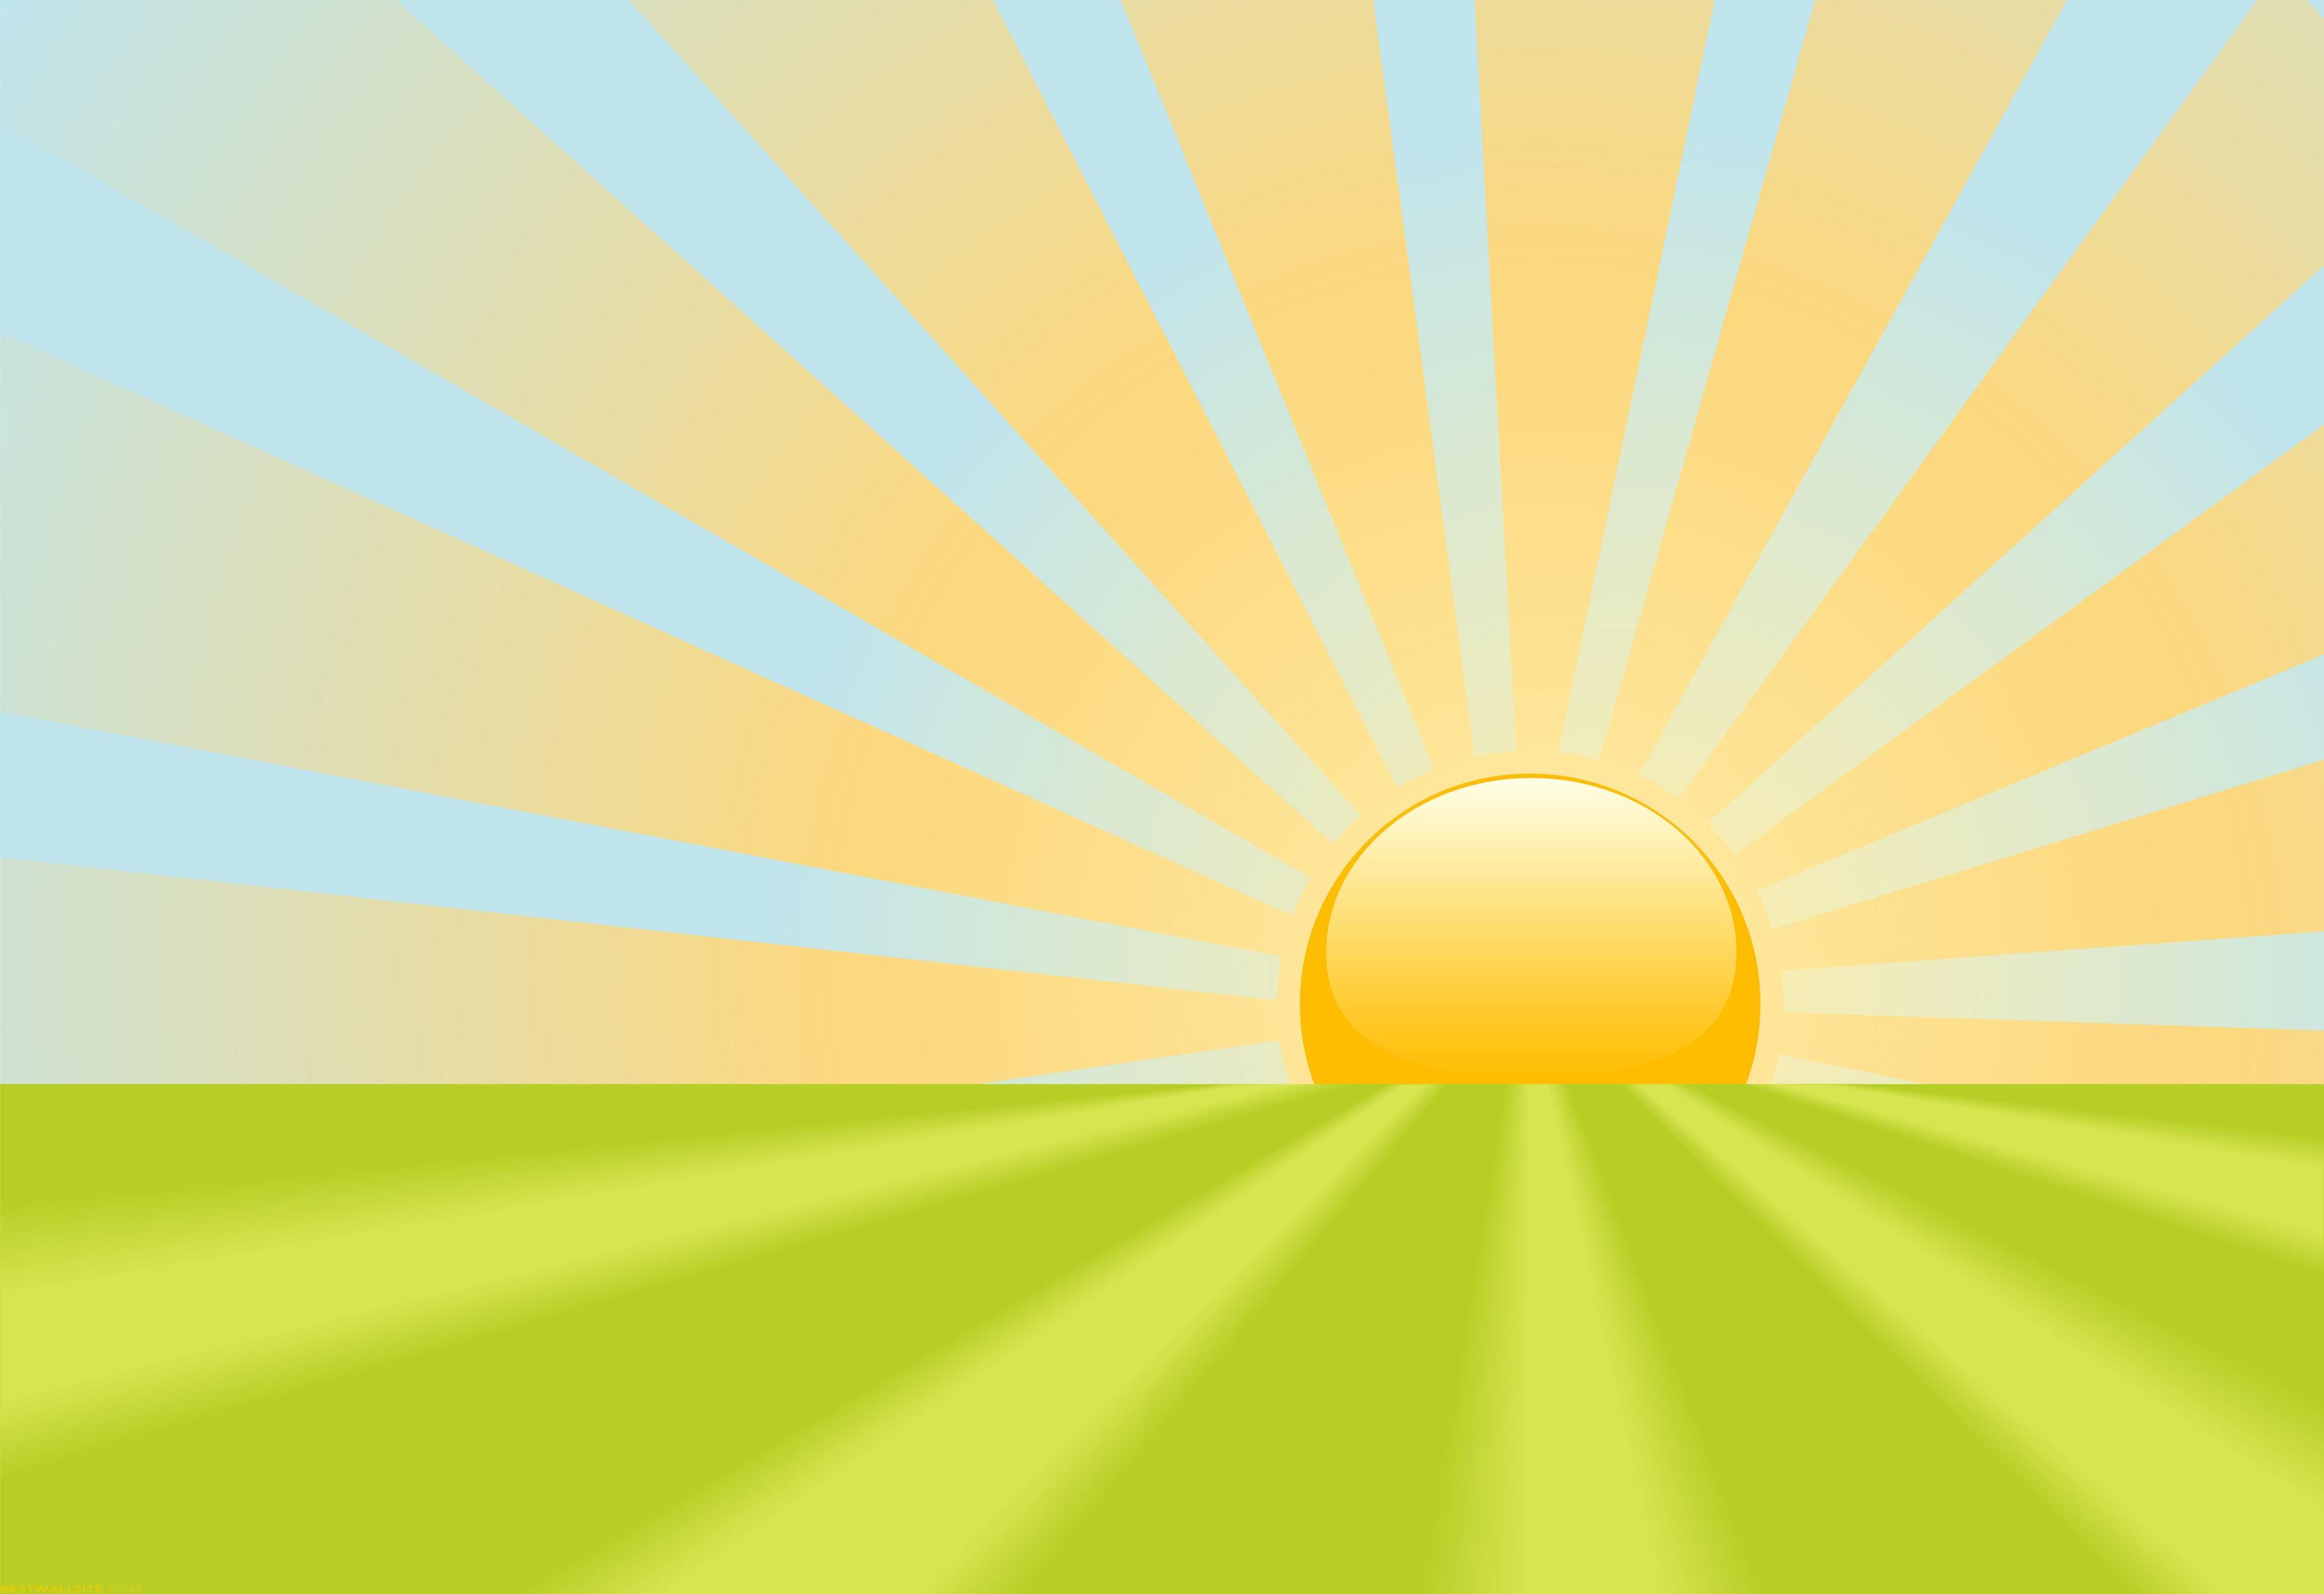 Sun rise clipart hd.